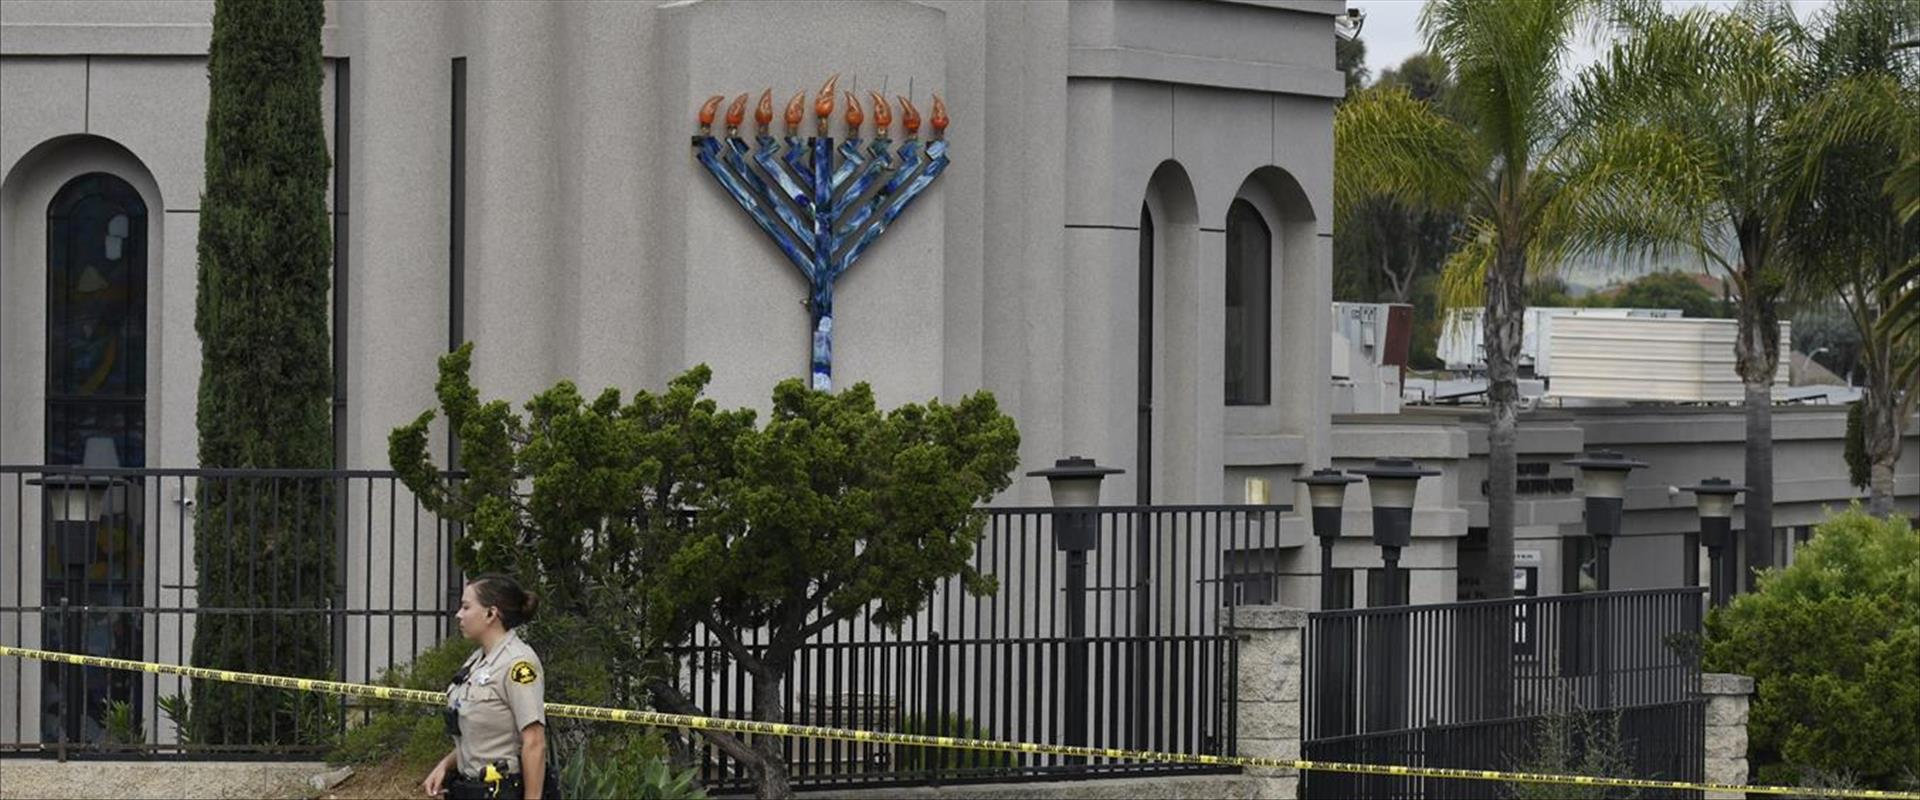 בית הכנסת בסאן דייגו, אפריל 2019